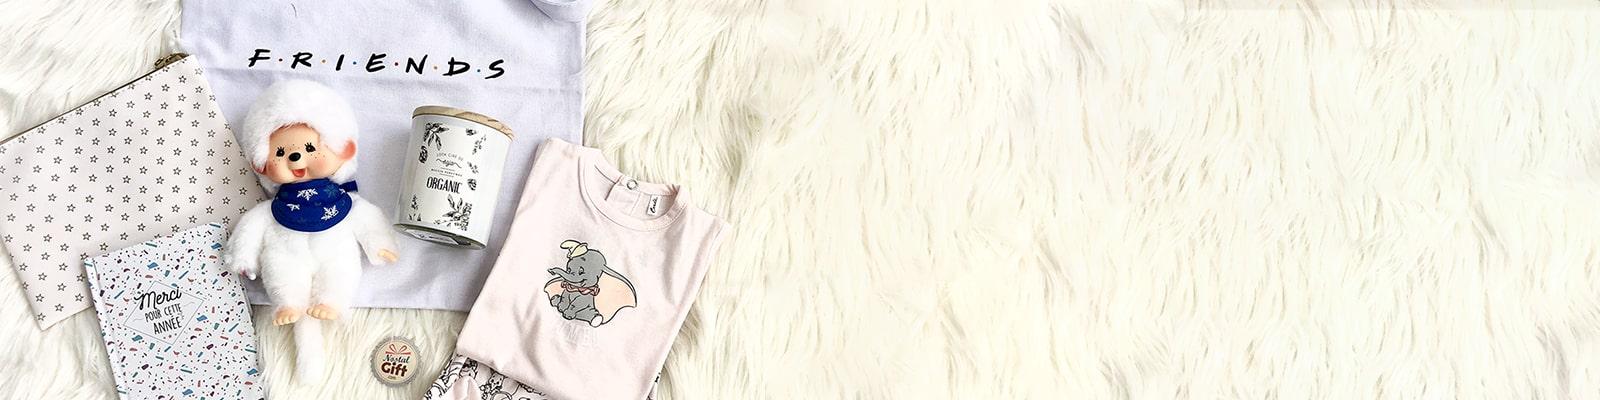 Retrouvez notre sélection de linge de maison pour habiller et embellir votre intérieur. Pour votre chambre ou celles de vos enfants, Nostalgift vous propose de les décorer avec des linges aux imprimés rétro et vintage. Dans cette catégorie vous trouverez des draps, couettes, plaids, taies d'oreillers qui vous rappelleront vos films et personnages mythiques.